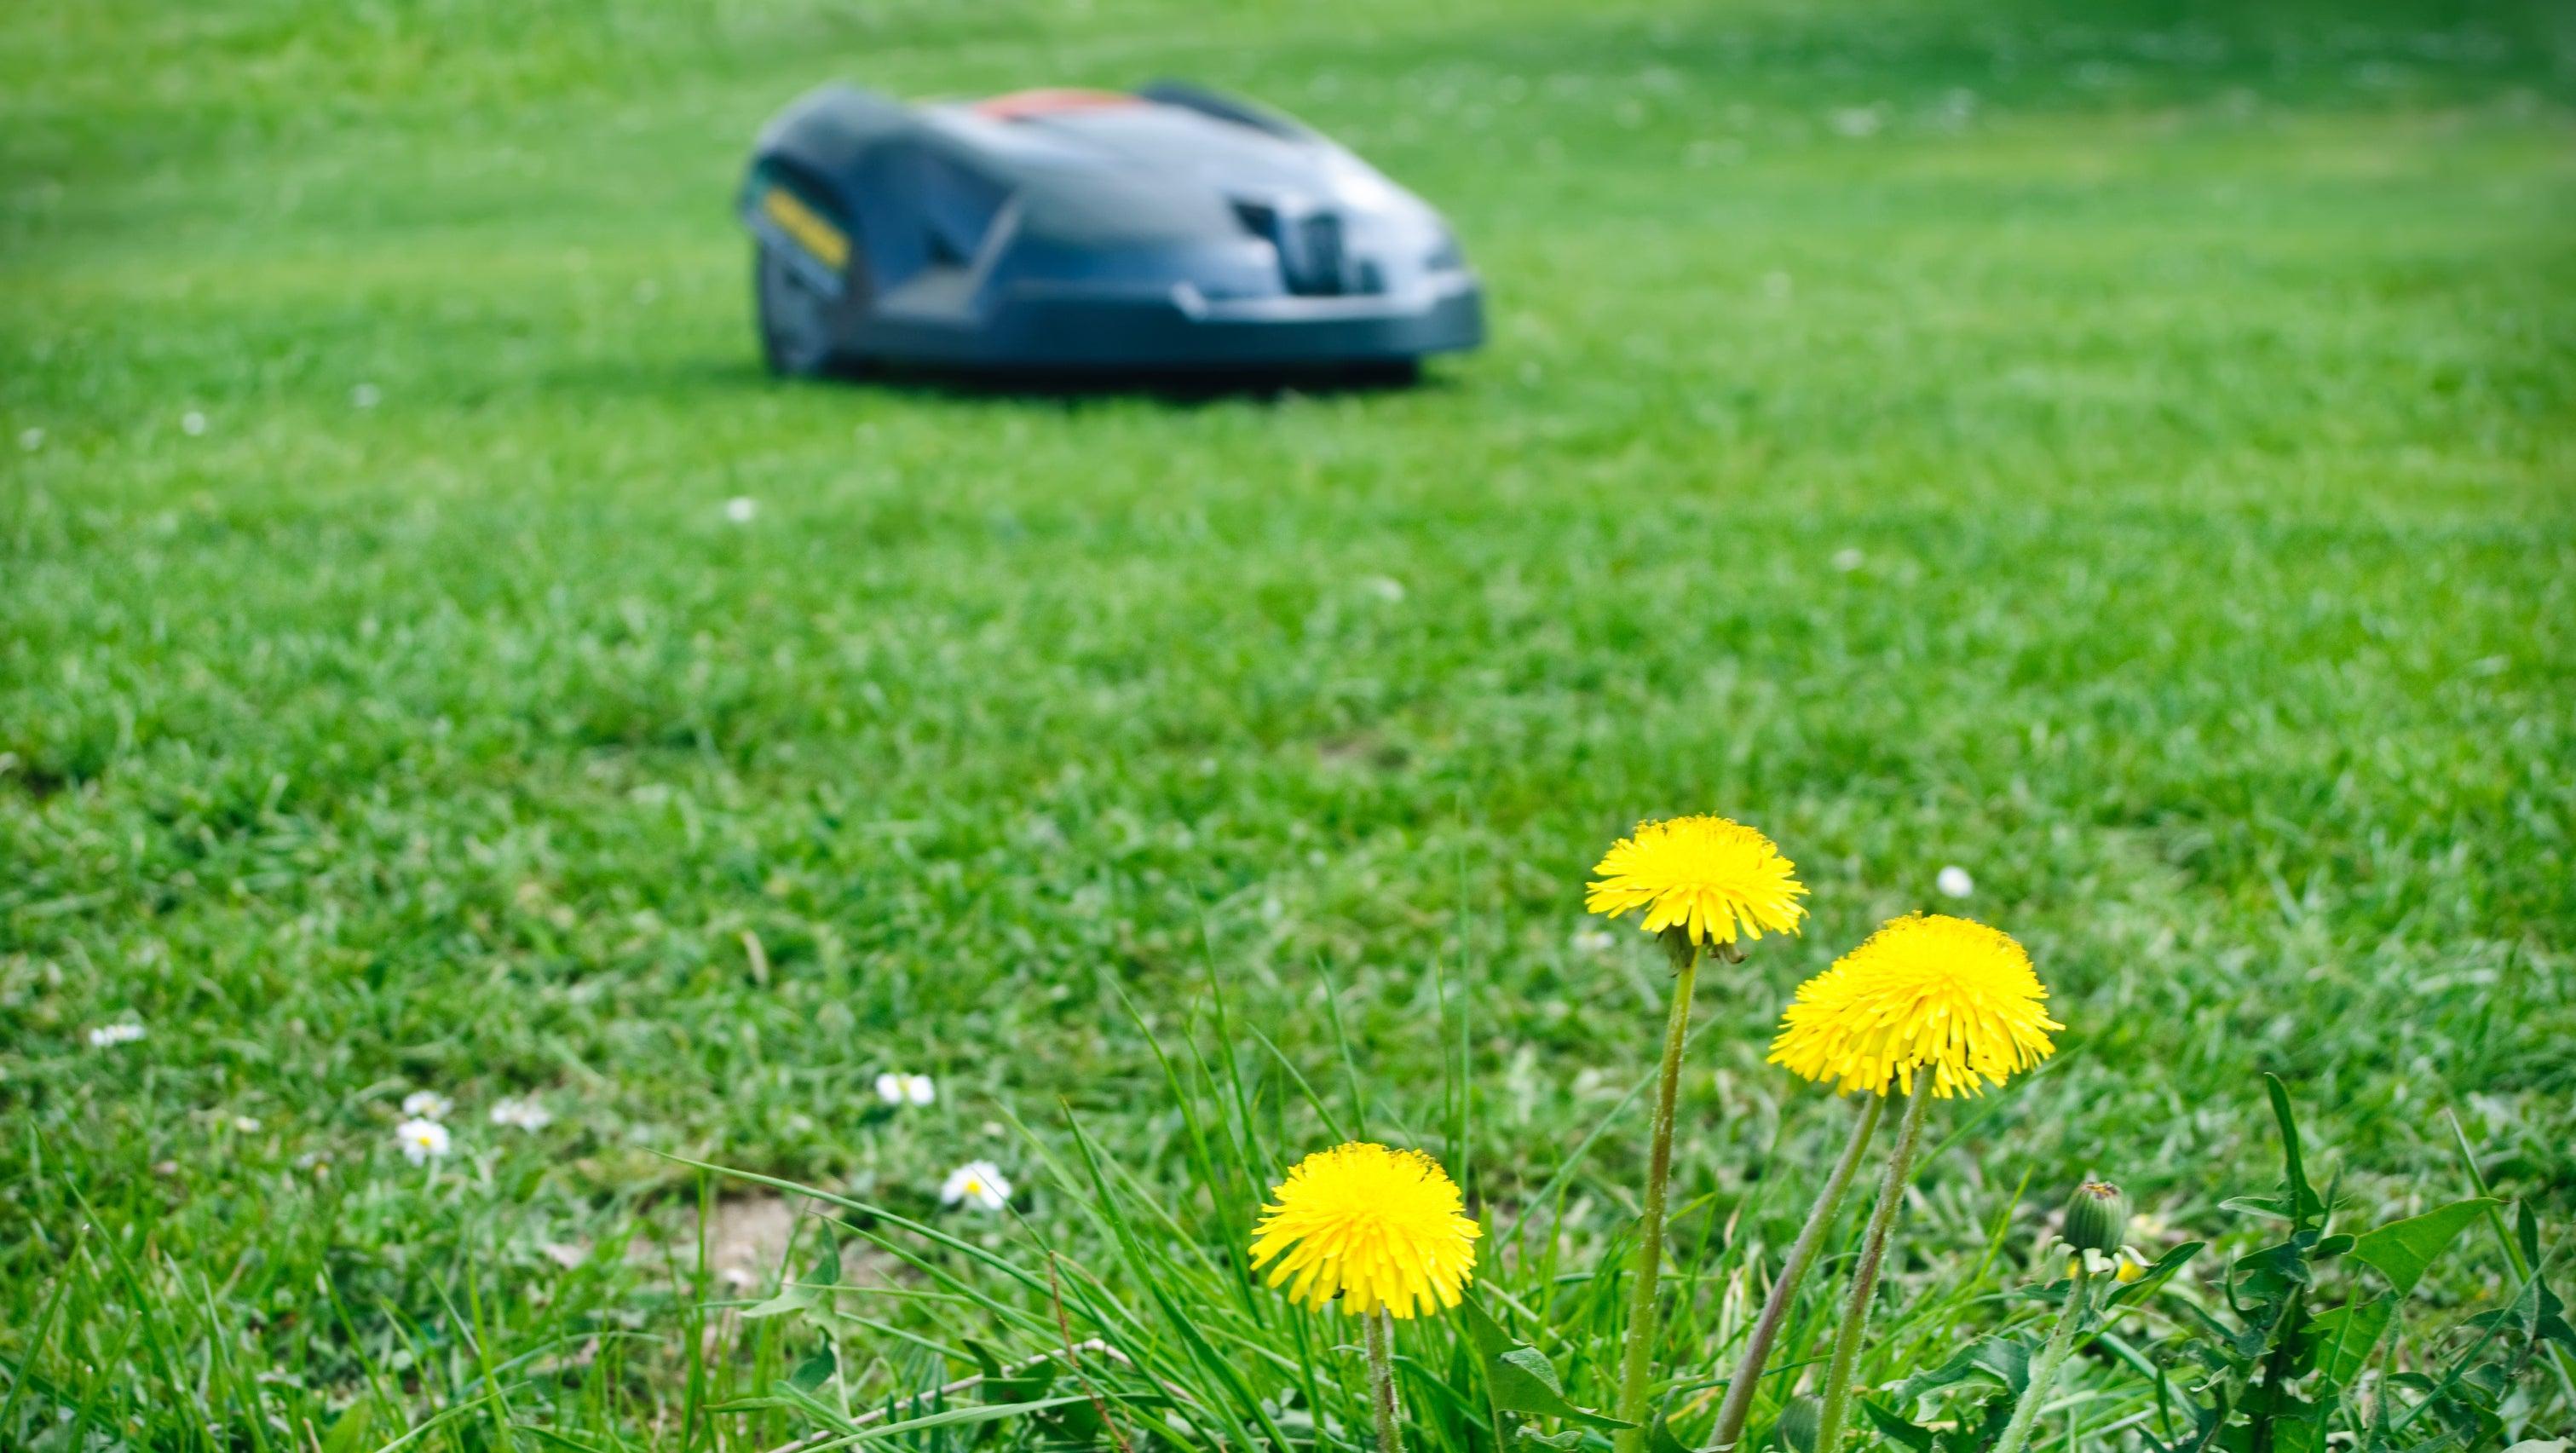 Darum sollten Sie automatische Rasenmäher nicht nachts einsetzen